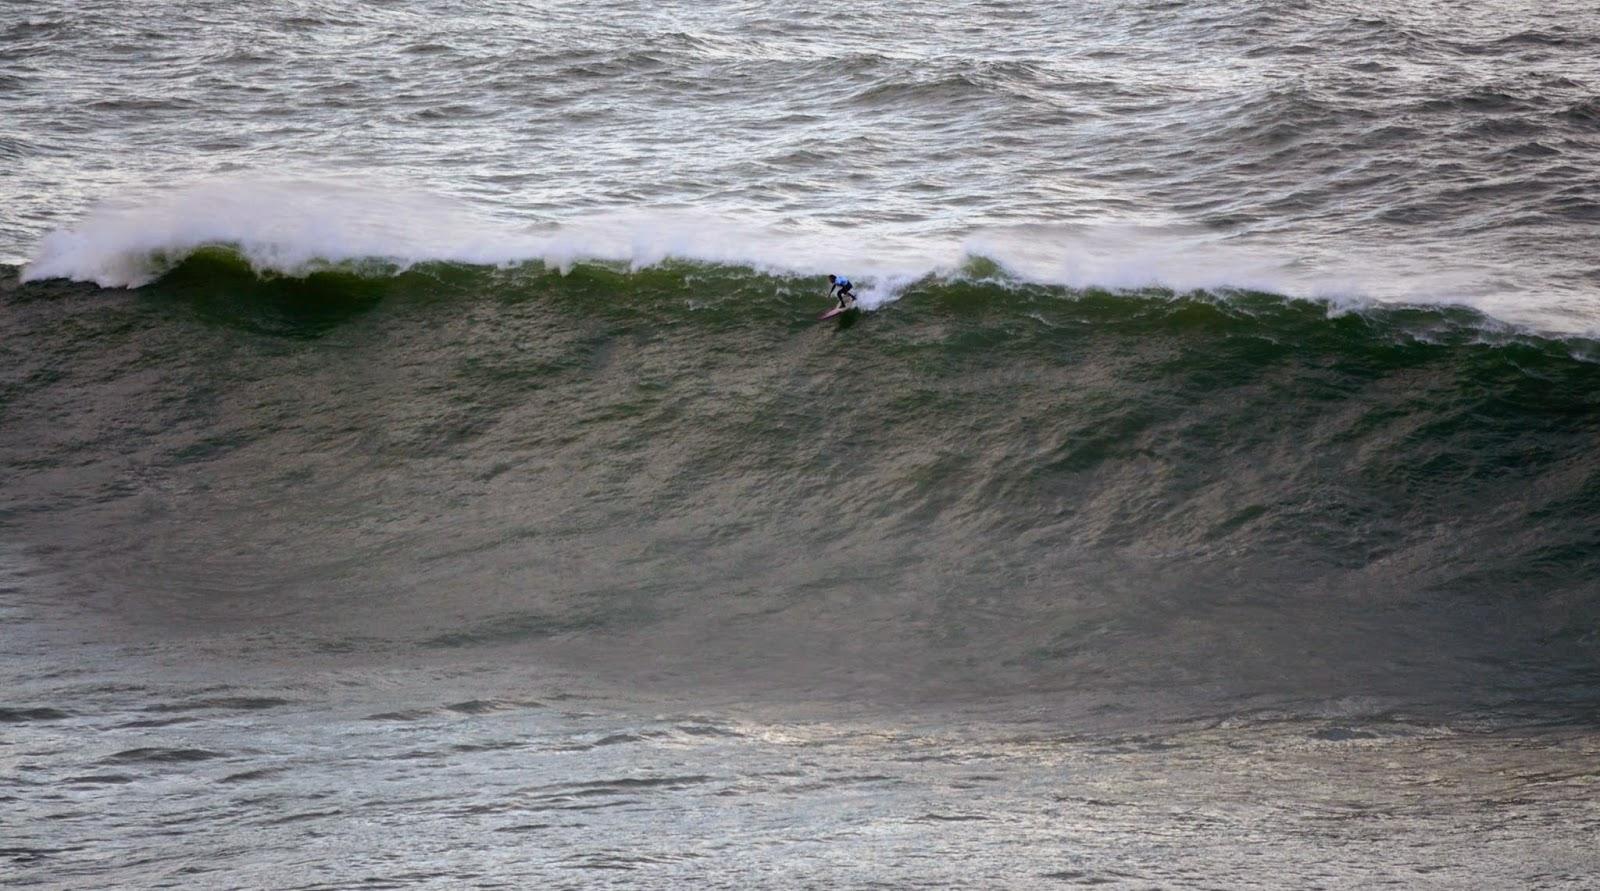 Foto: Ignacio Aranguren punta galea challenge 06